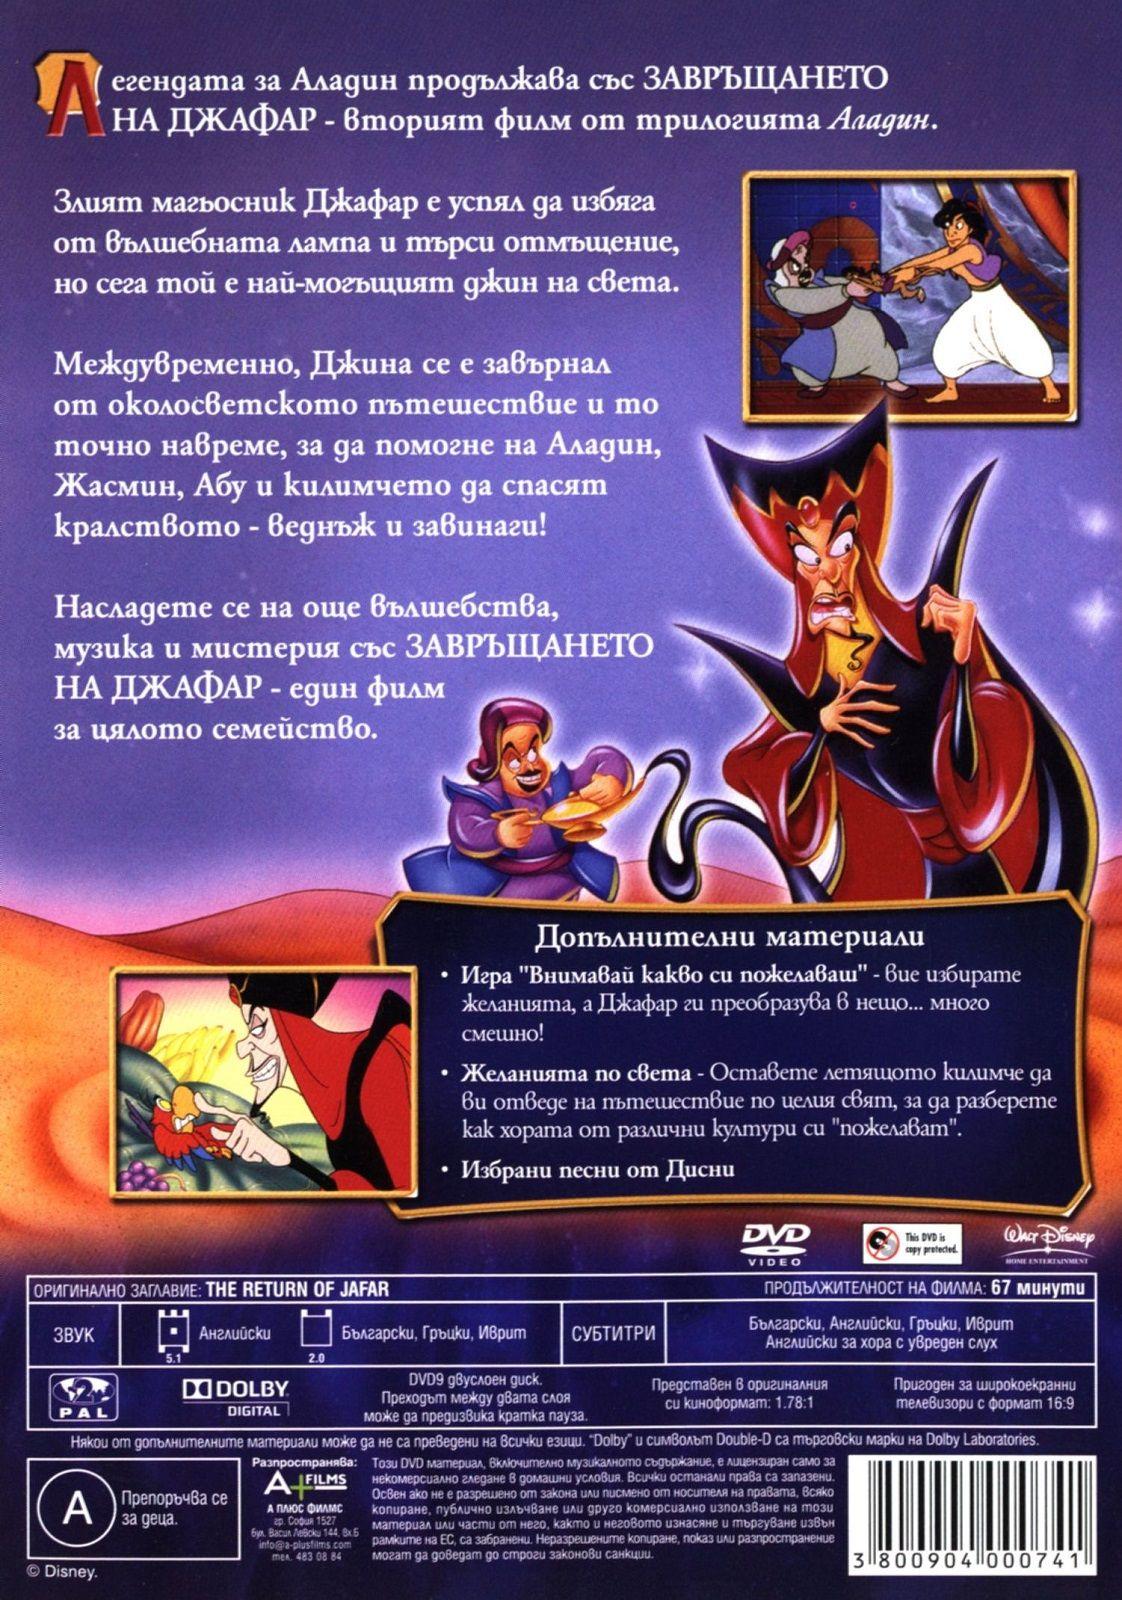 Аладин: Завръщането на Джафар (DVD) - 2